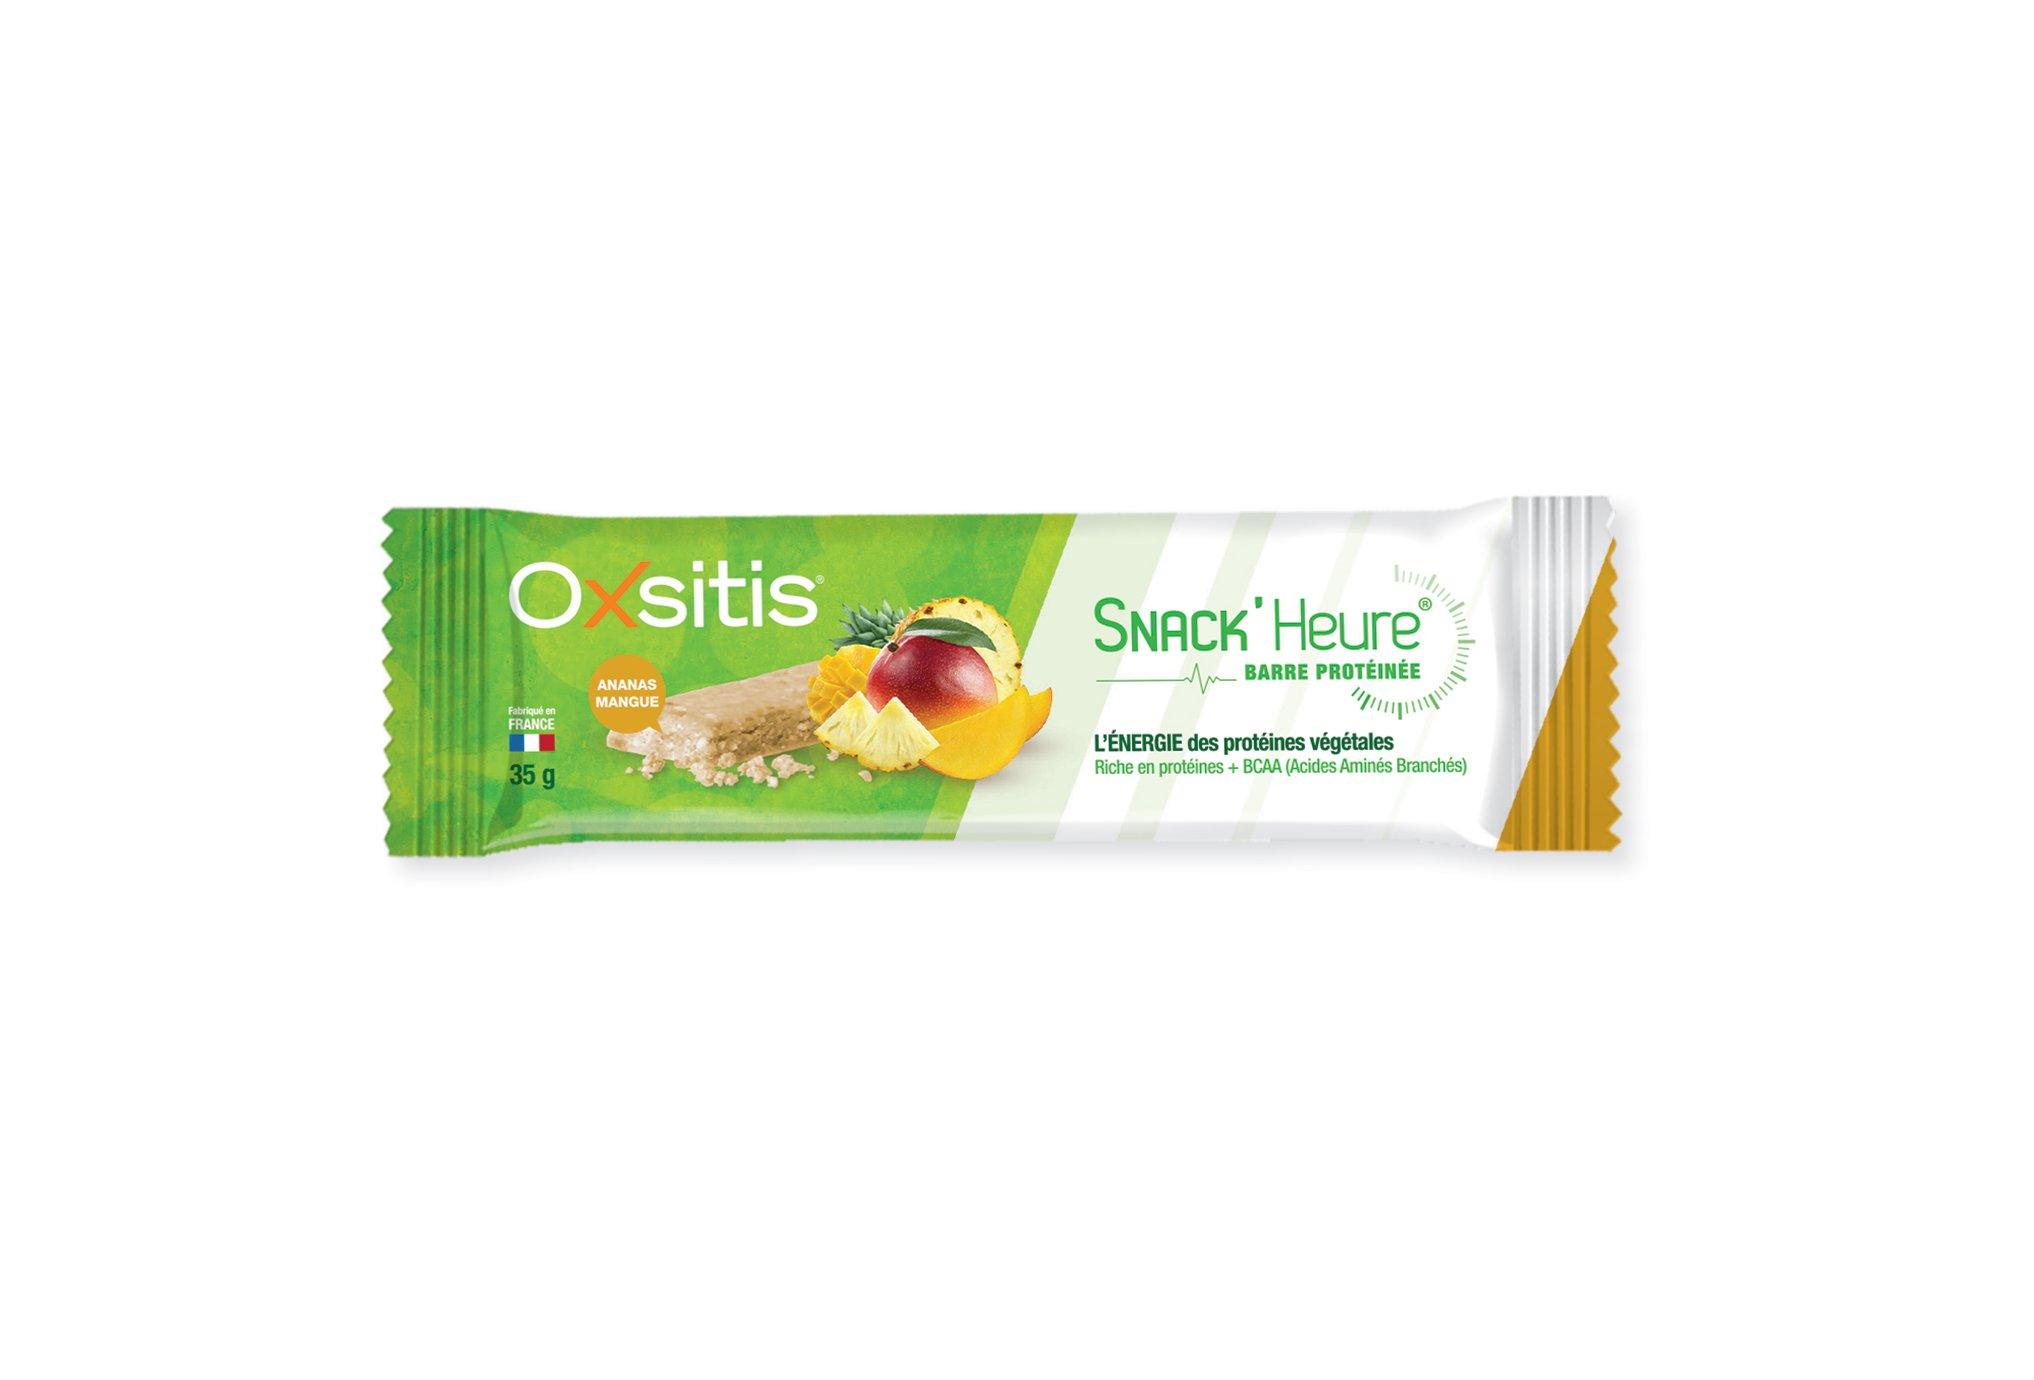 Oxsitis Barre Protéinée Snack'Heure - Ananas Mangue Diététique Barres